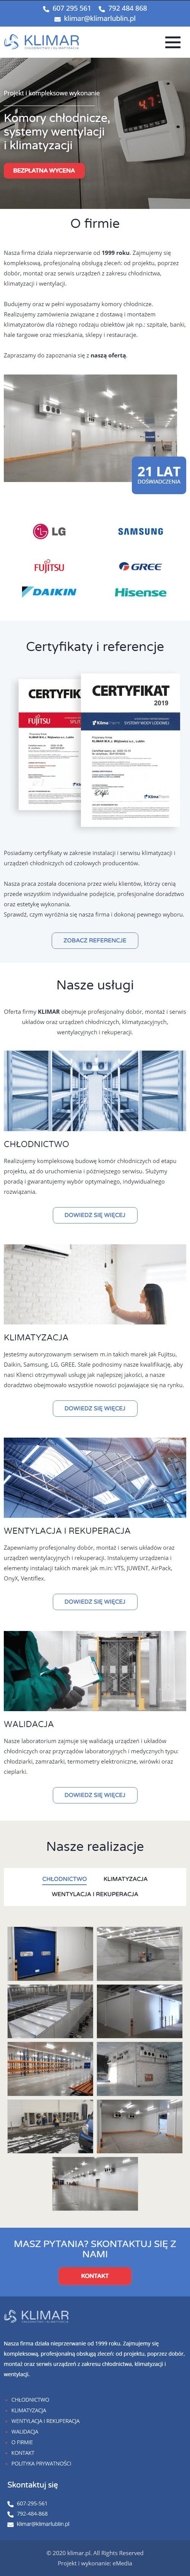 Strona internetowa klimarlublin.pl - zrzut mobile